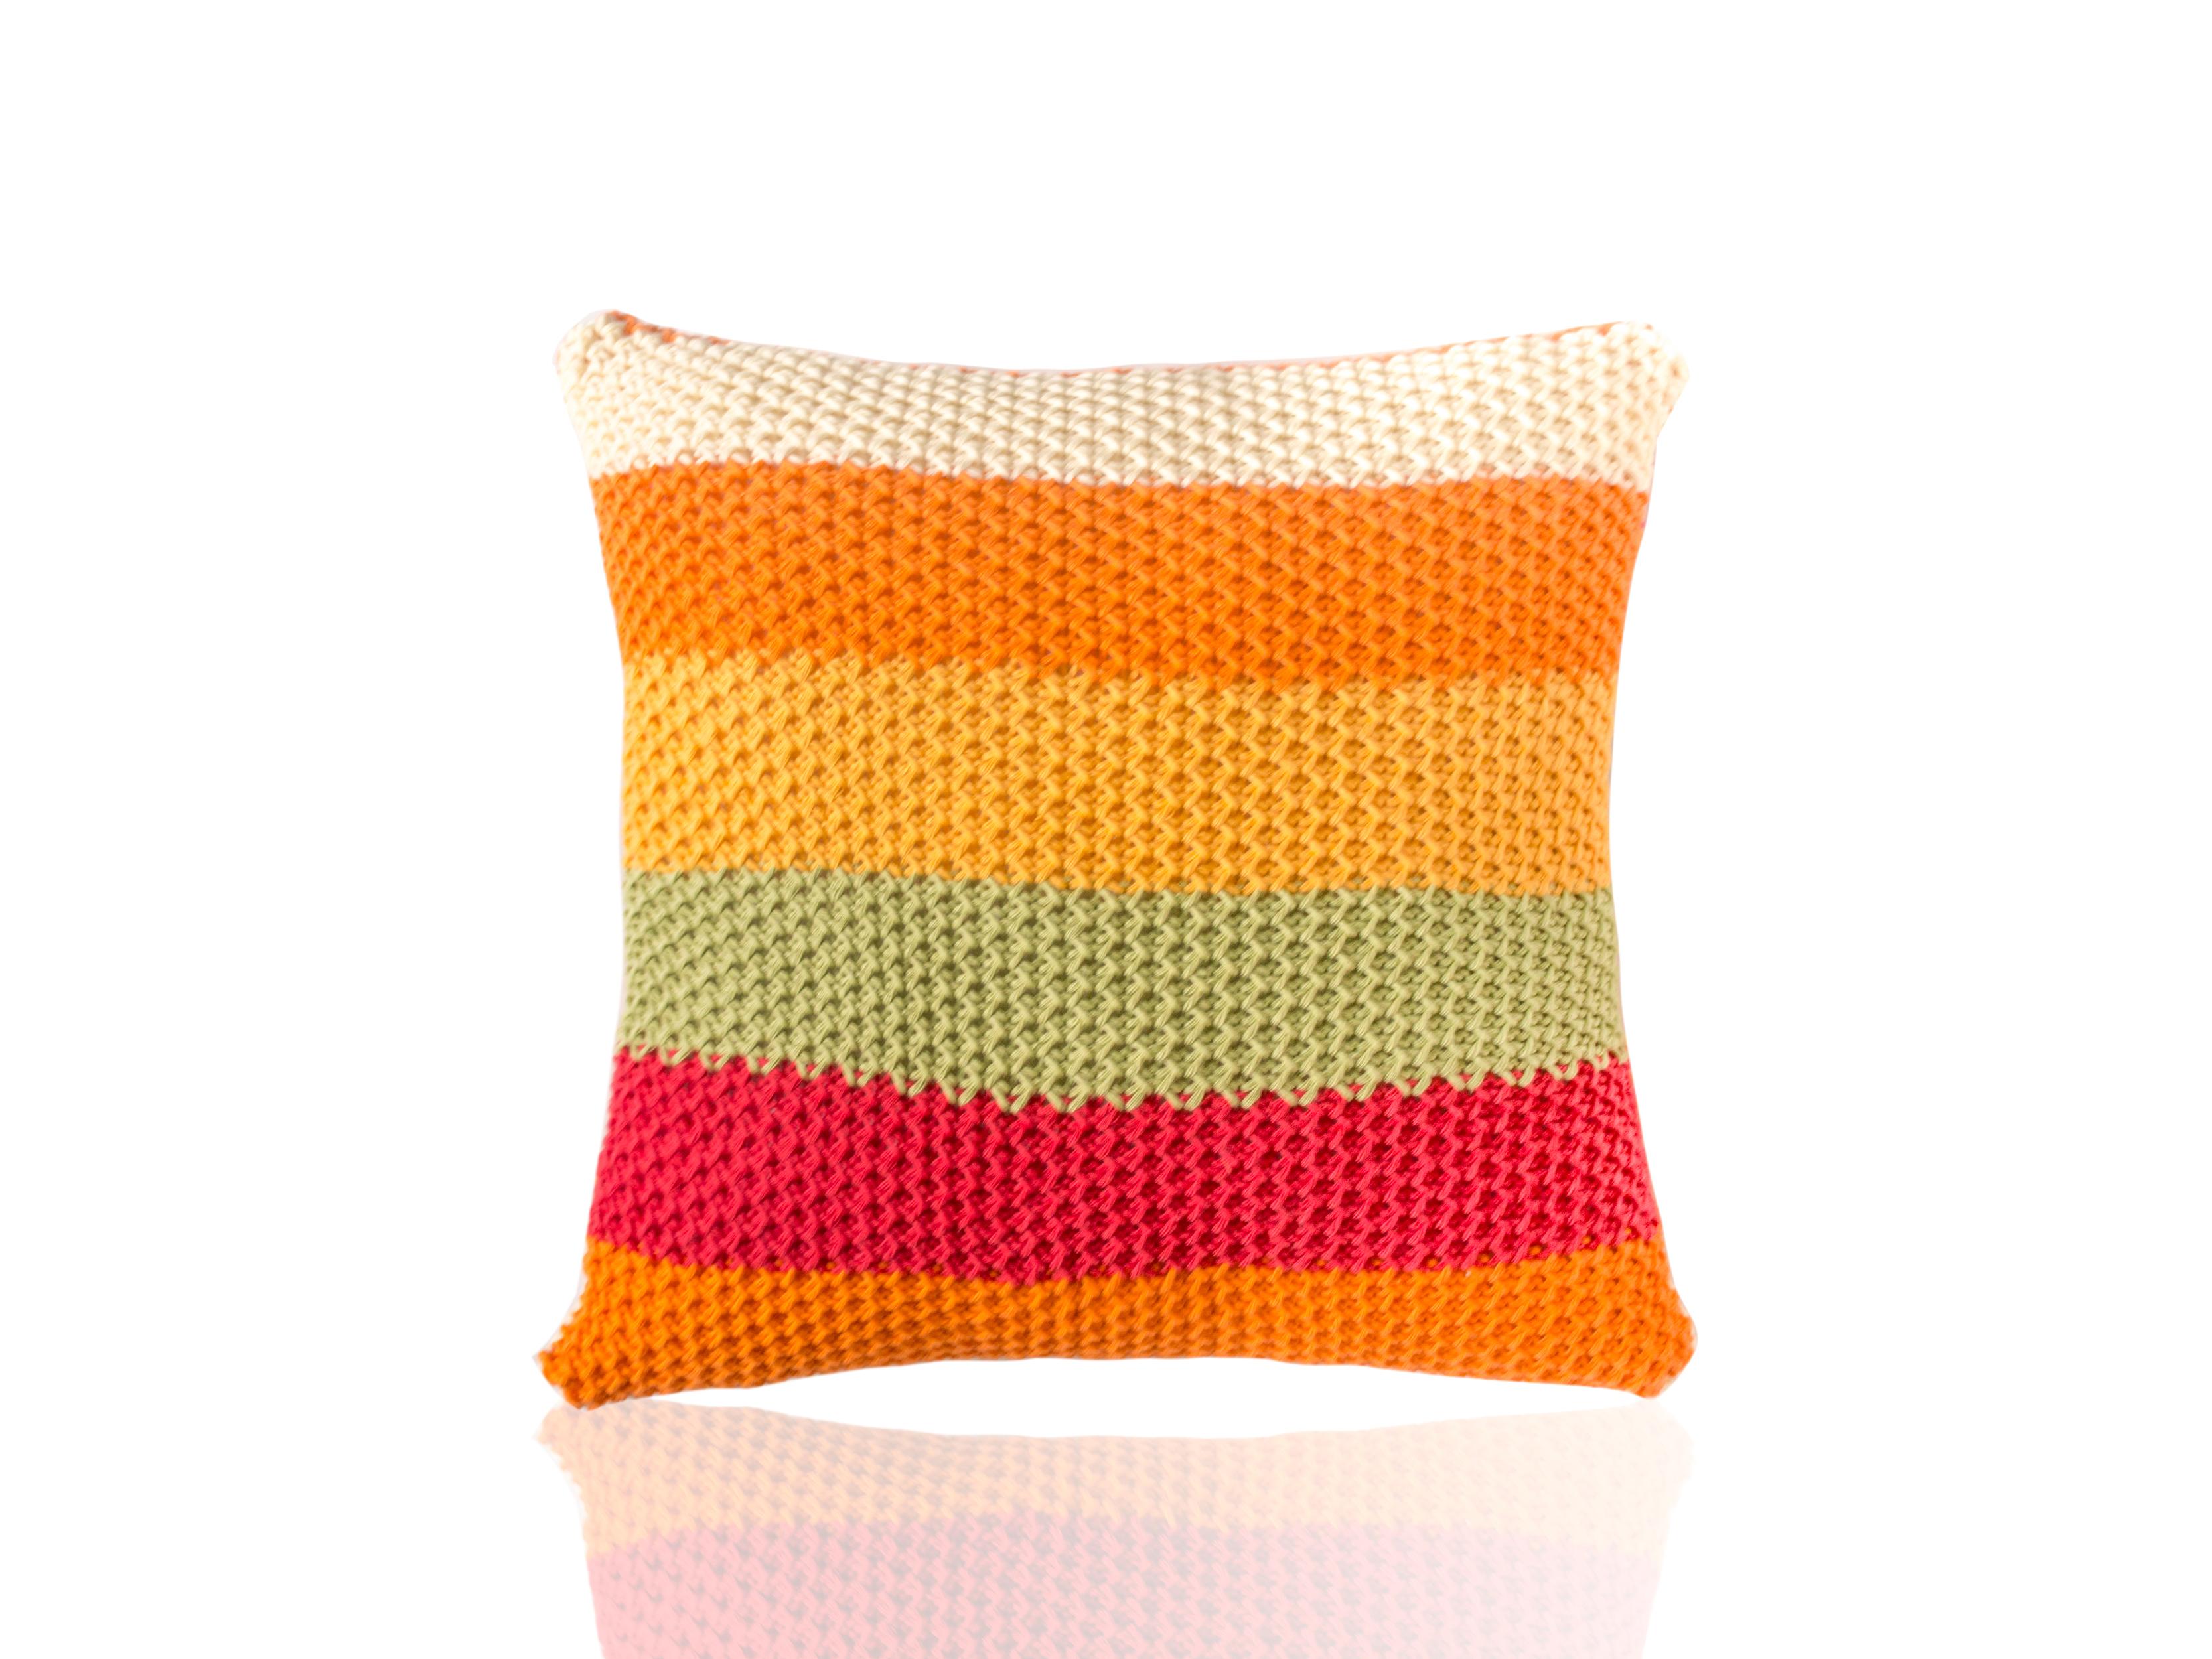 Подушка SeisКвадратные подушки и наволочки<br>Seis - вязаная диванная подушка ручной работы - сделана из высококачественных материалов в Коврове, Россия. Яркая, мягкая и красивая, эта вещь добавит комфорта и уюта любому домашнему декору.&amp;lt;div&amp;gt;&amp;lt;br&amp;gt;&amp;lt;/div&amp;gt;&amp;lt;div&amp;gt;Состав наволочки: 100% хлопок&amp;amp;nbsp;&amp;lt;/div&amp;gt;&amp;lt;div&amp;gt;Наполнитель (вынимающаяся подушка): 100% полиэстер&amp;amp;nbsp;&amp;lt;/div&amp;gt;<br><br>Material: Текстиль<br>Ширина см: 40.0<br>Высота см: 40.0<br>Глубина см: 10.0